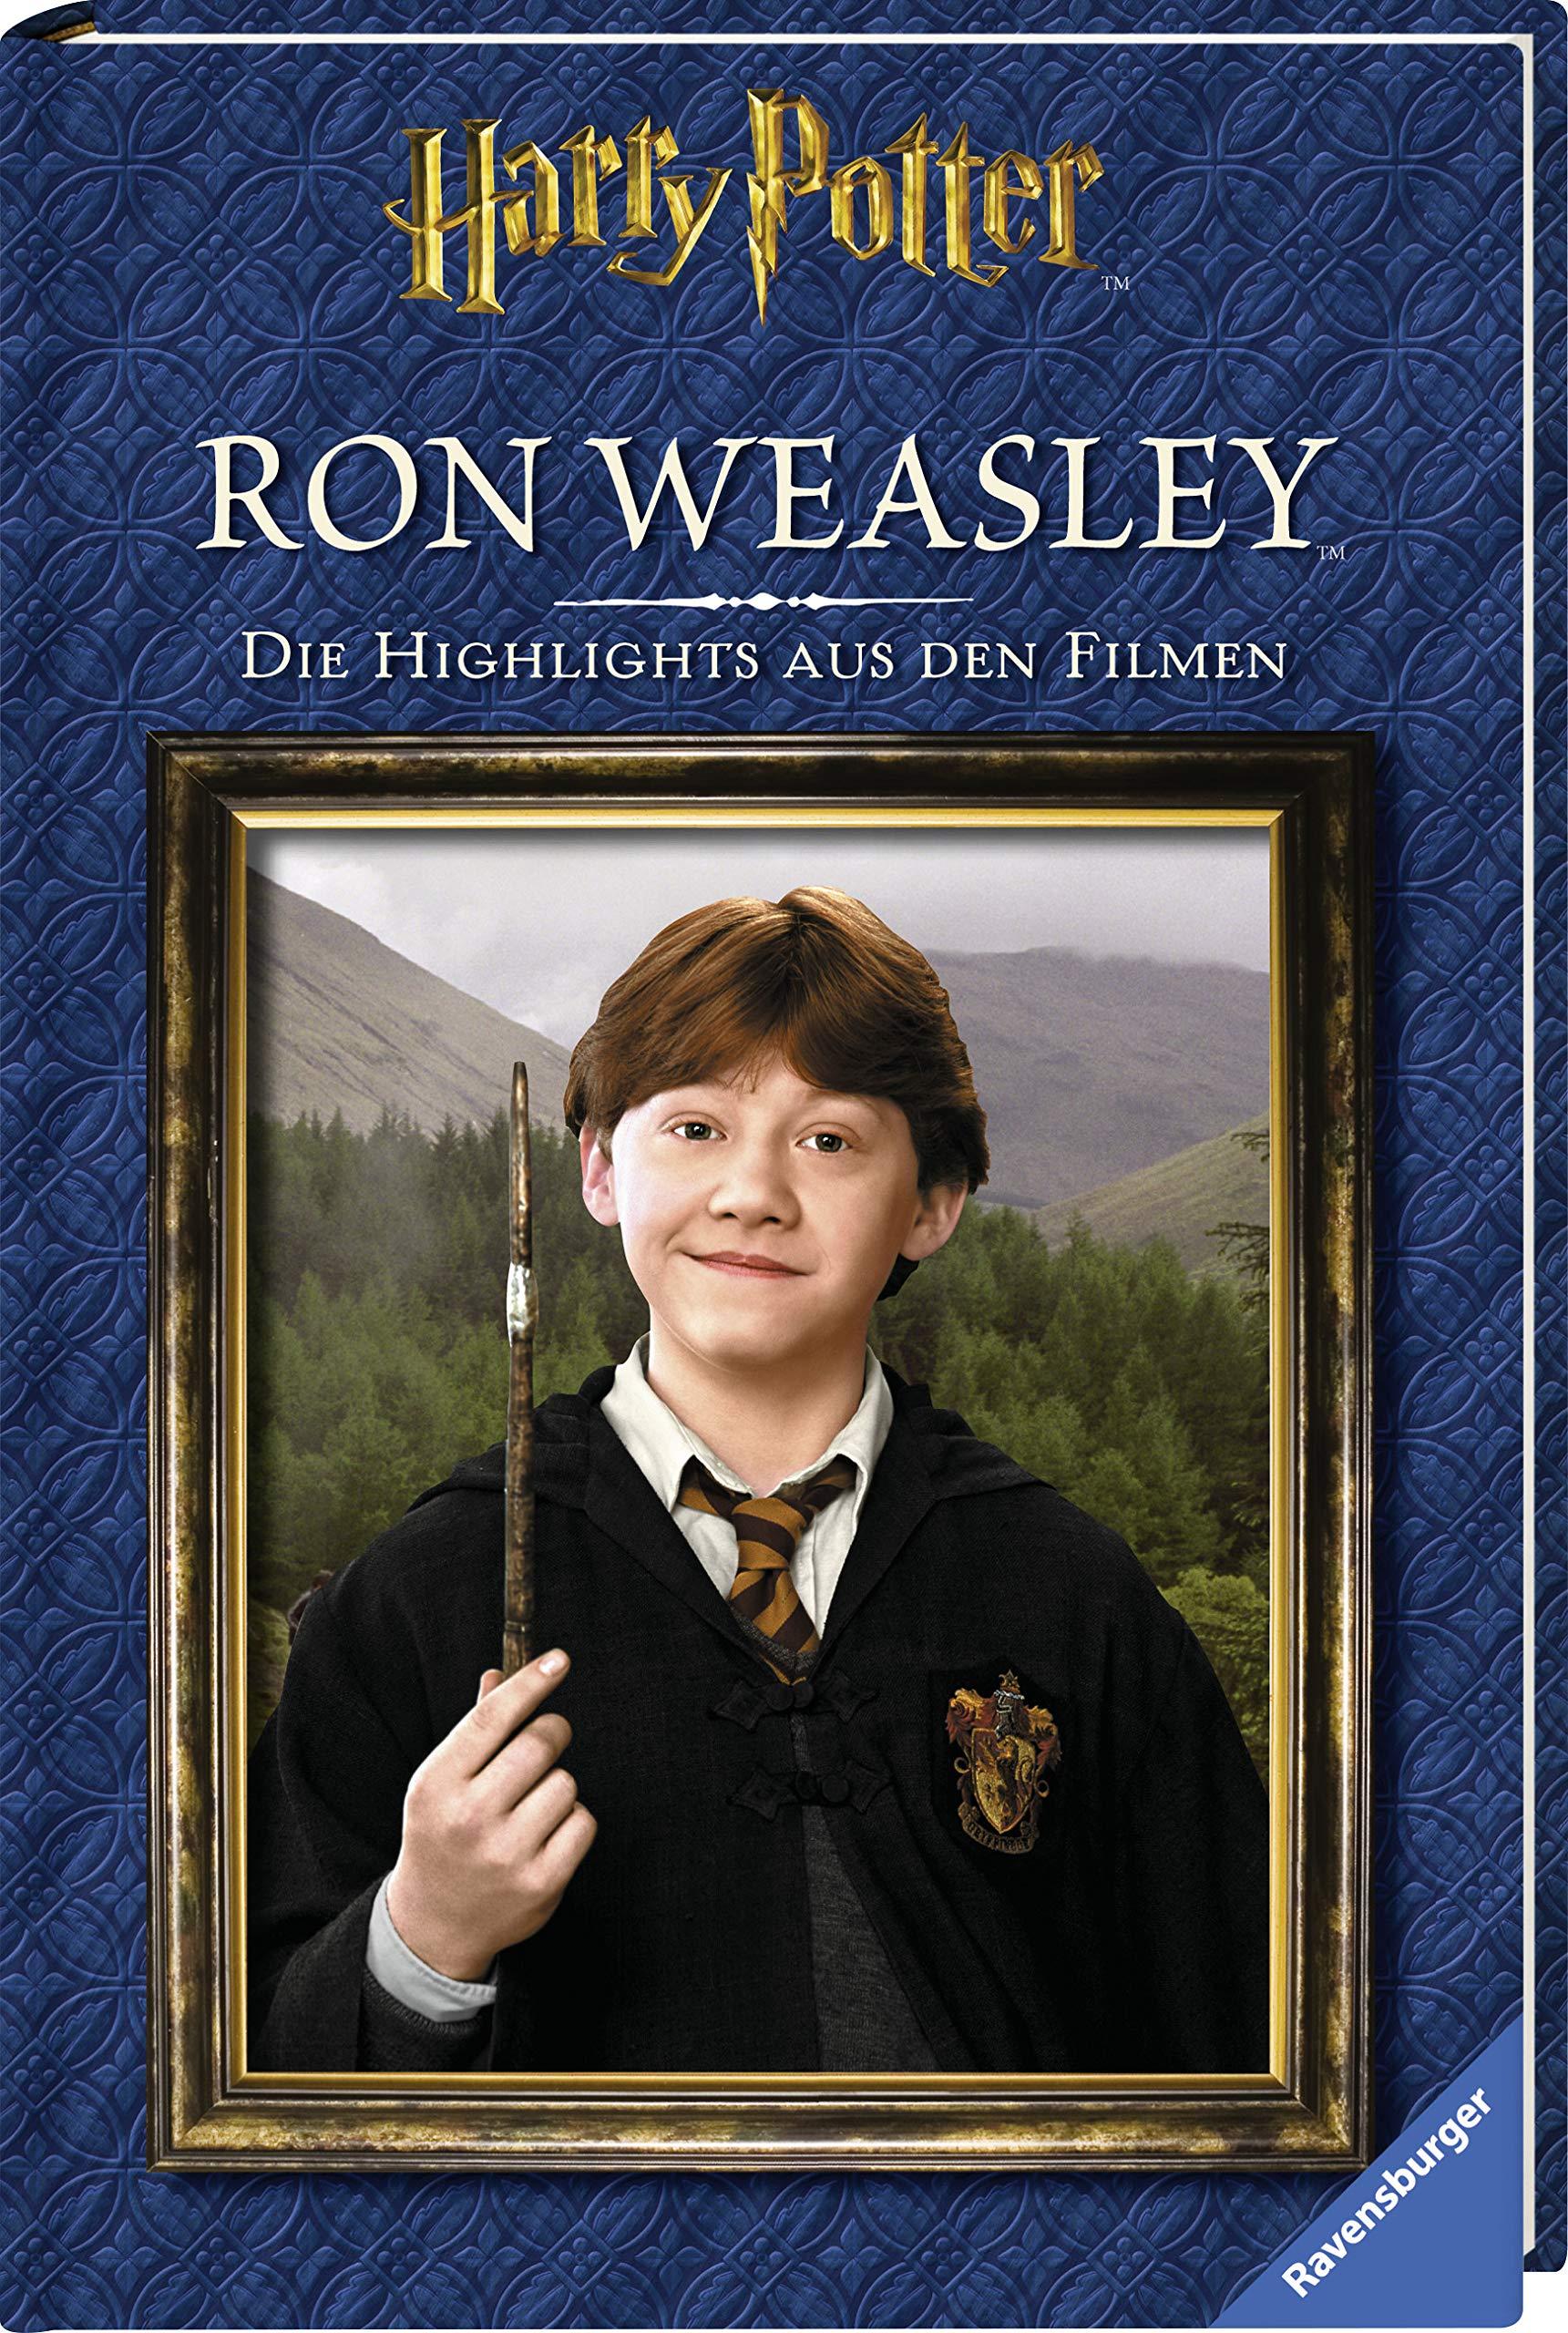 Harry Potter Tm Die Highlights Aus Den Filmen Ron Weasley Tm 9783473408047 Amazon Com Books